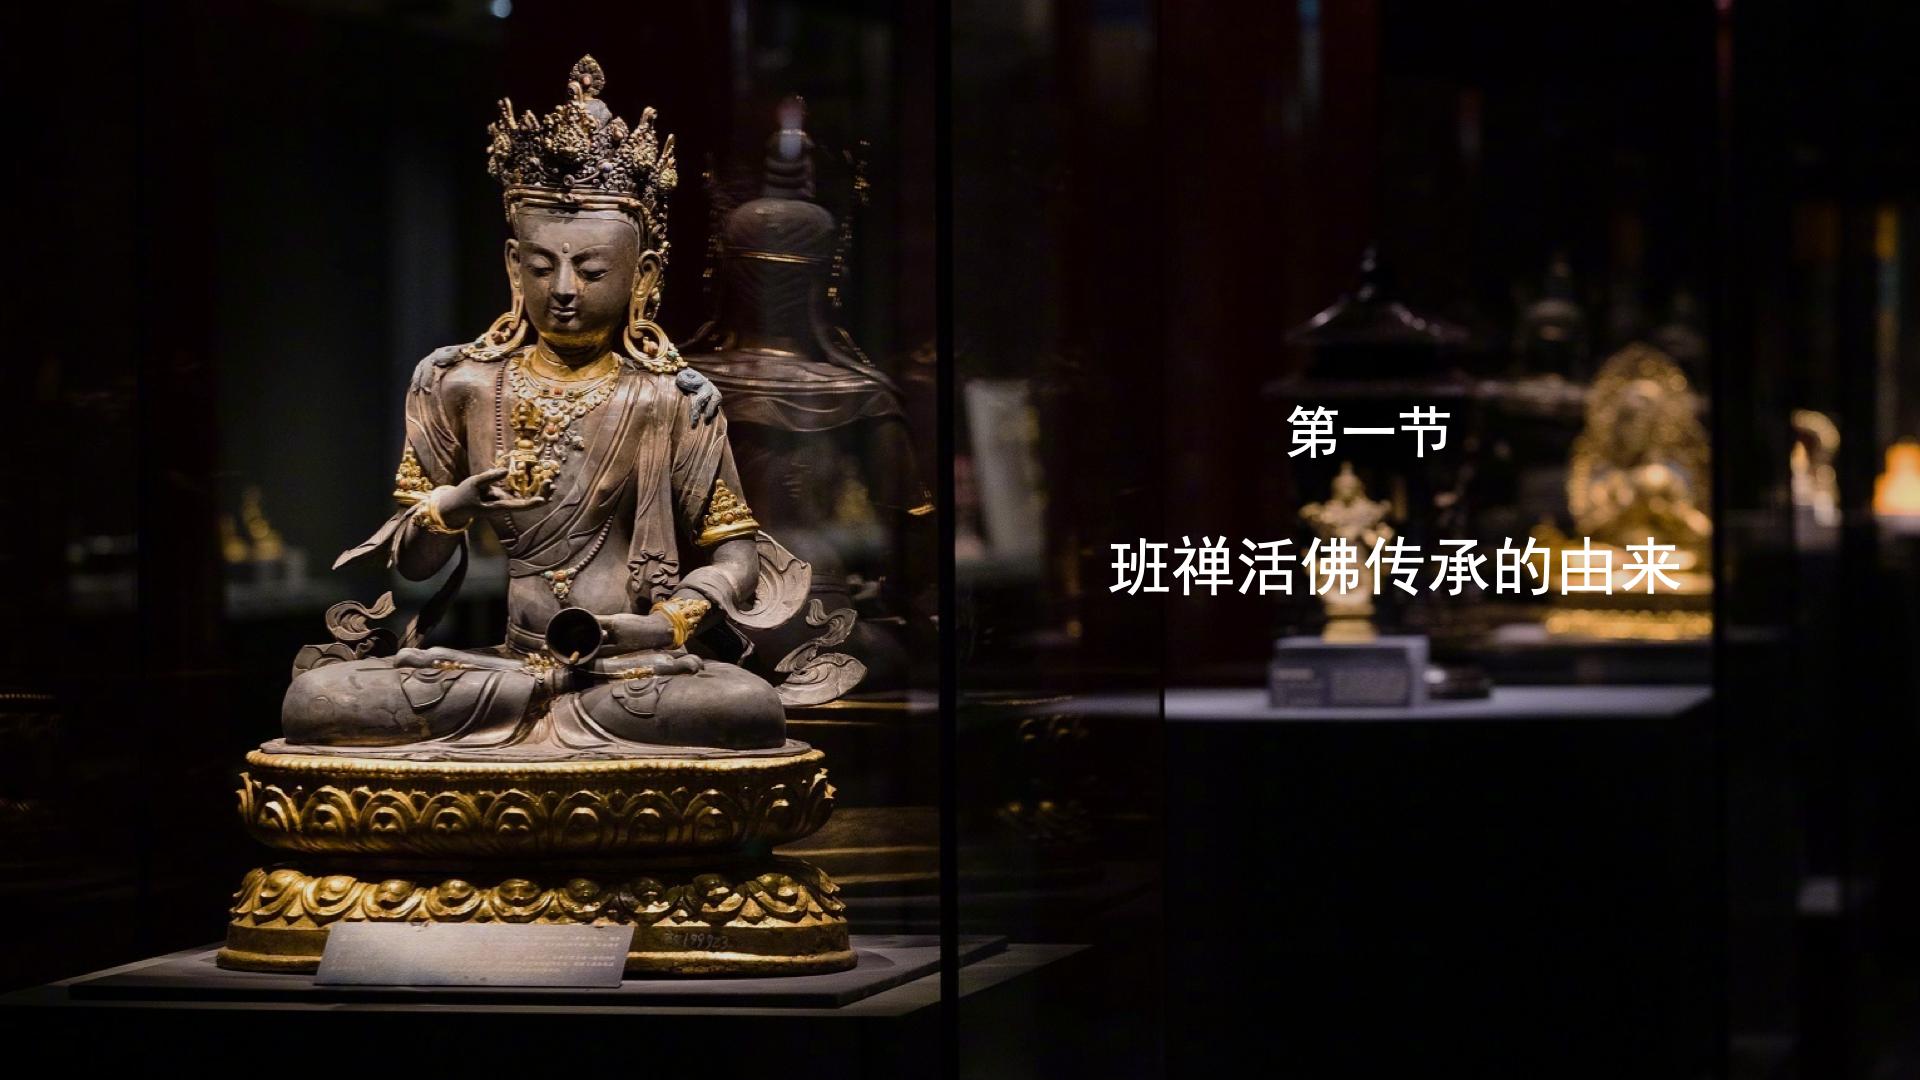 第一節:班禪活佛傳承的由來